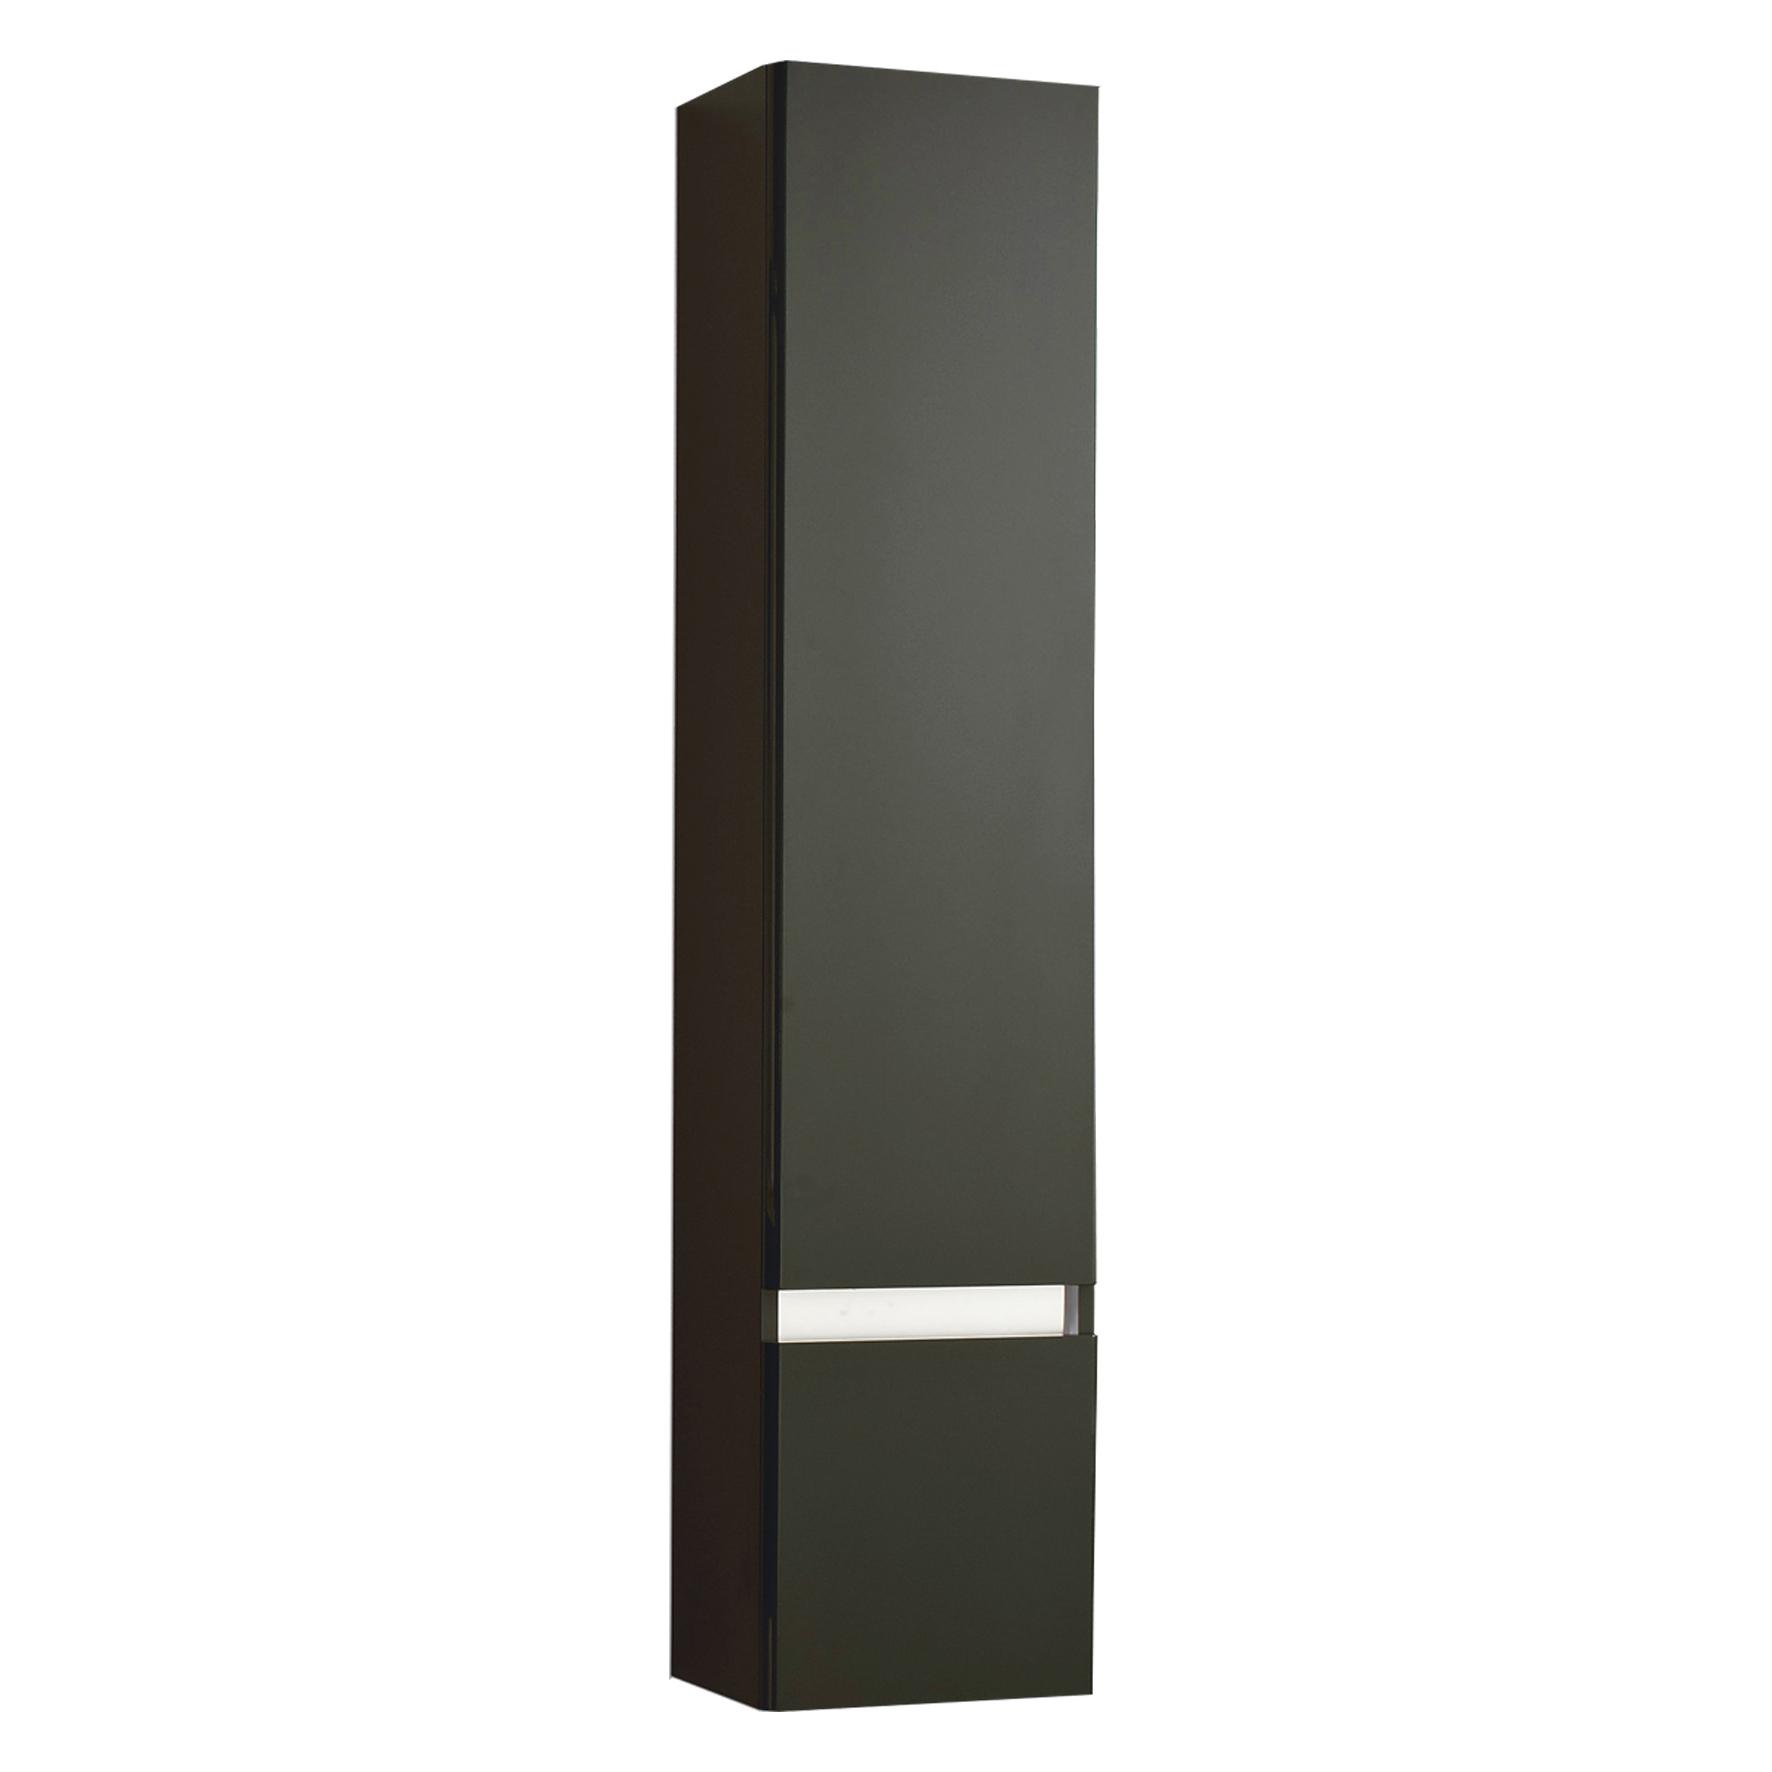 Differnz Stripe Kast Hoge rechts 35x156cm zwart